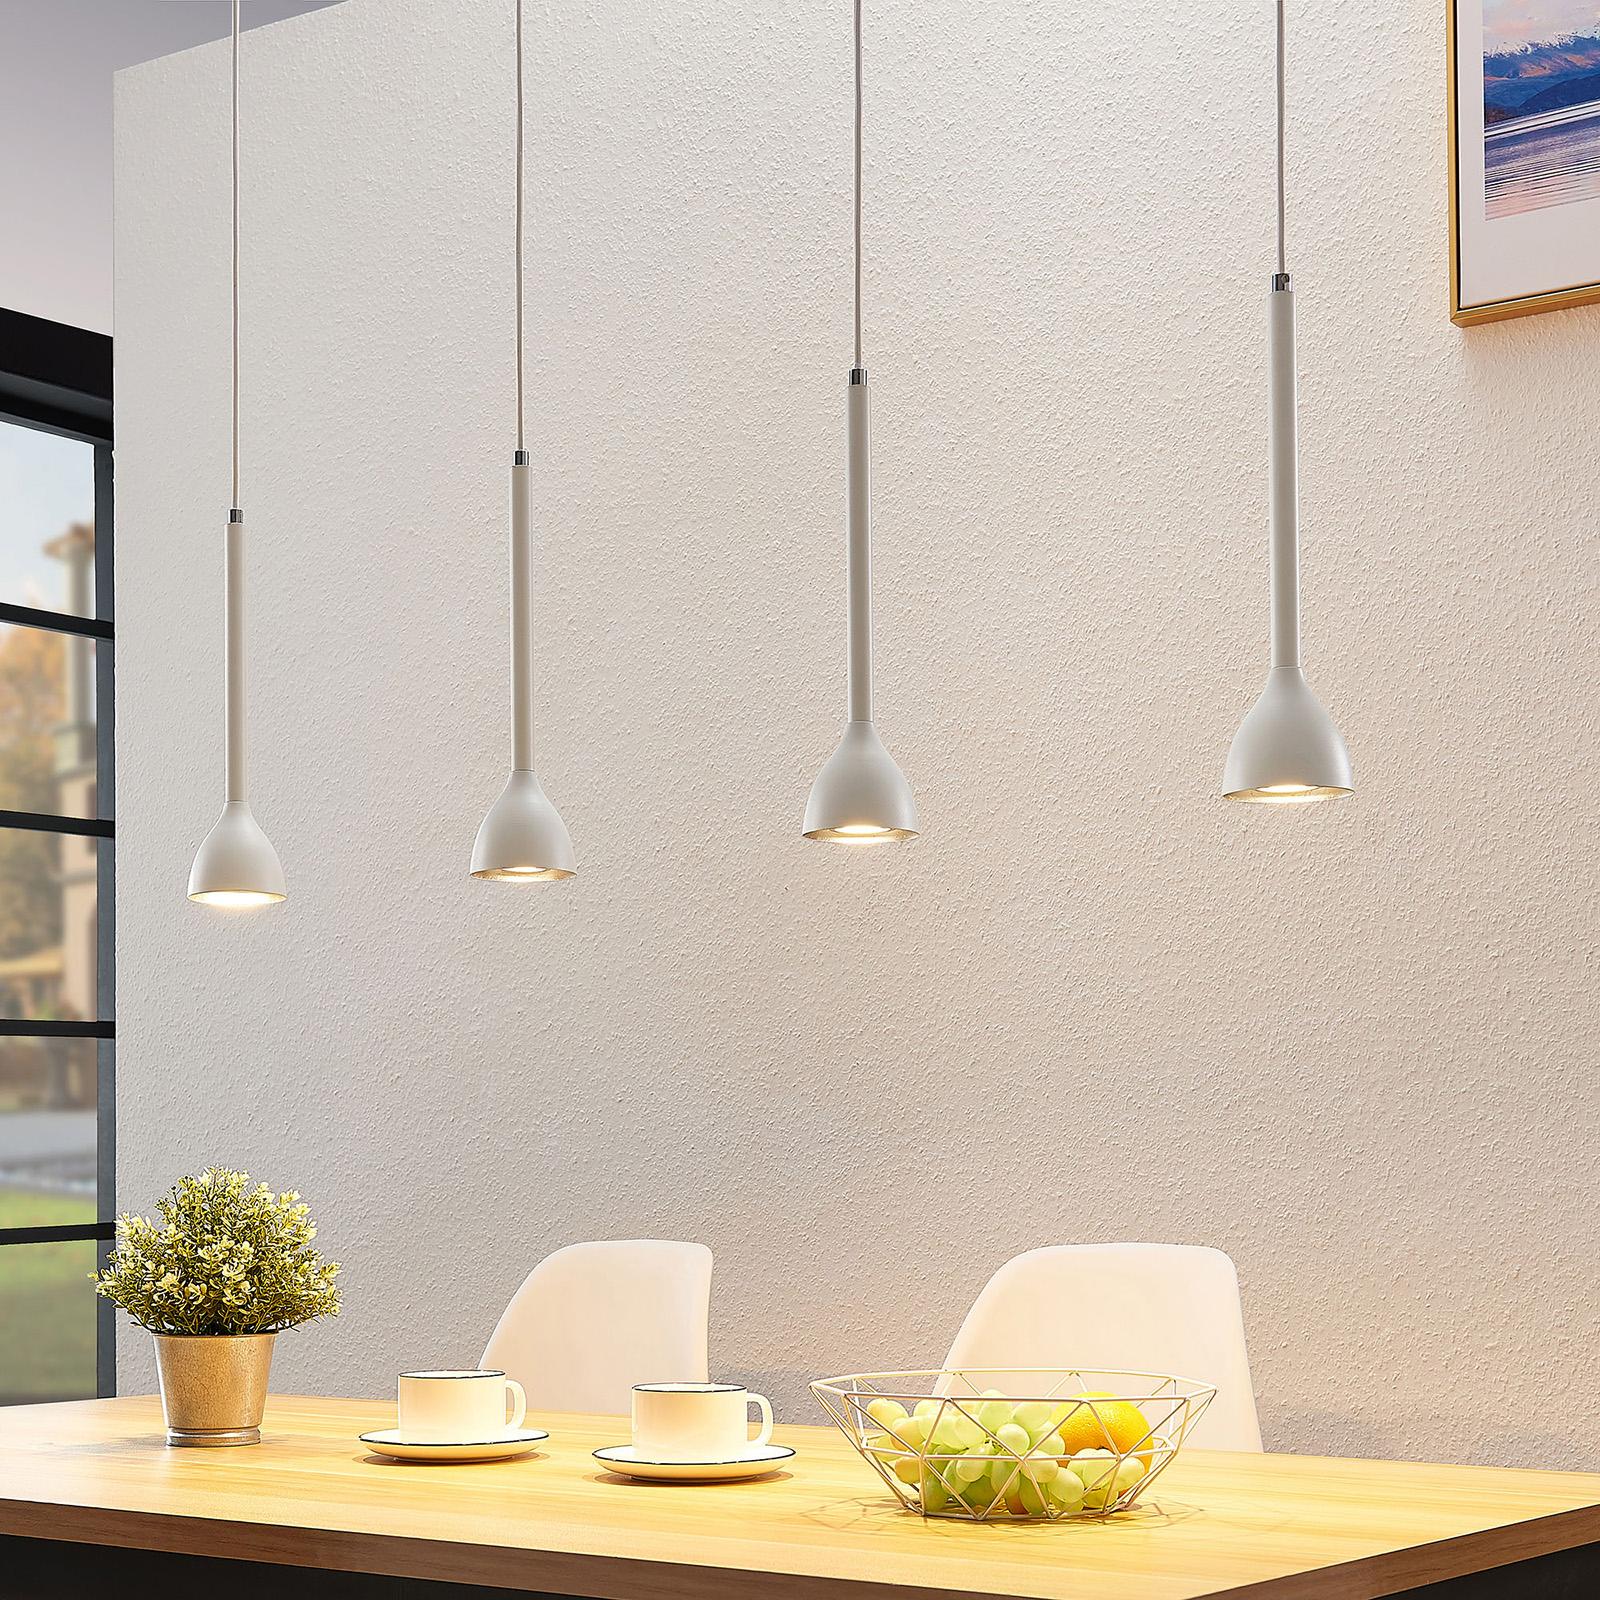 Hanglamp Nordwin, 4 lampje, wit-zilver